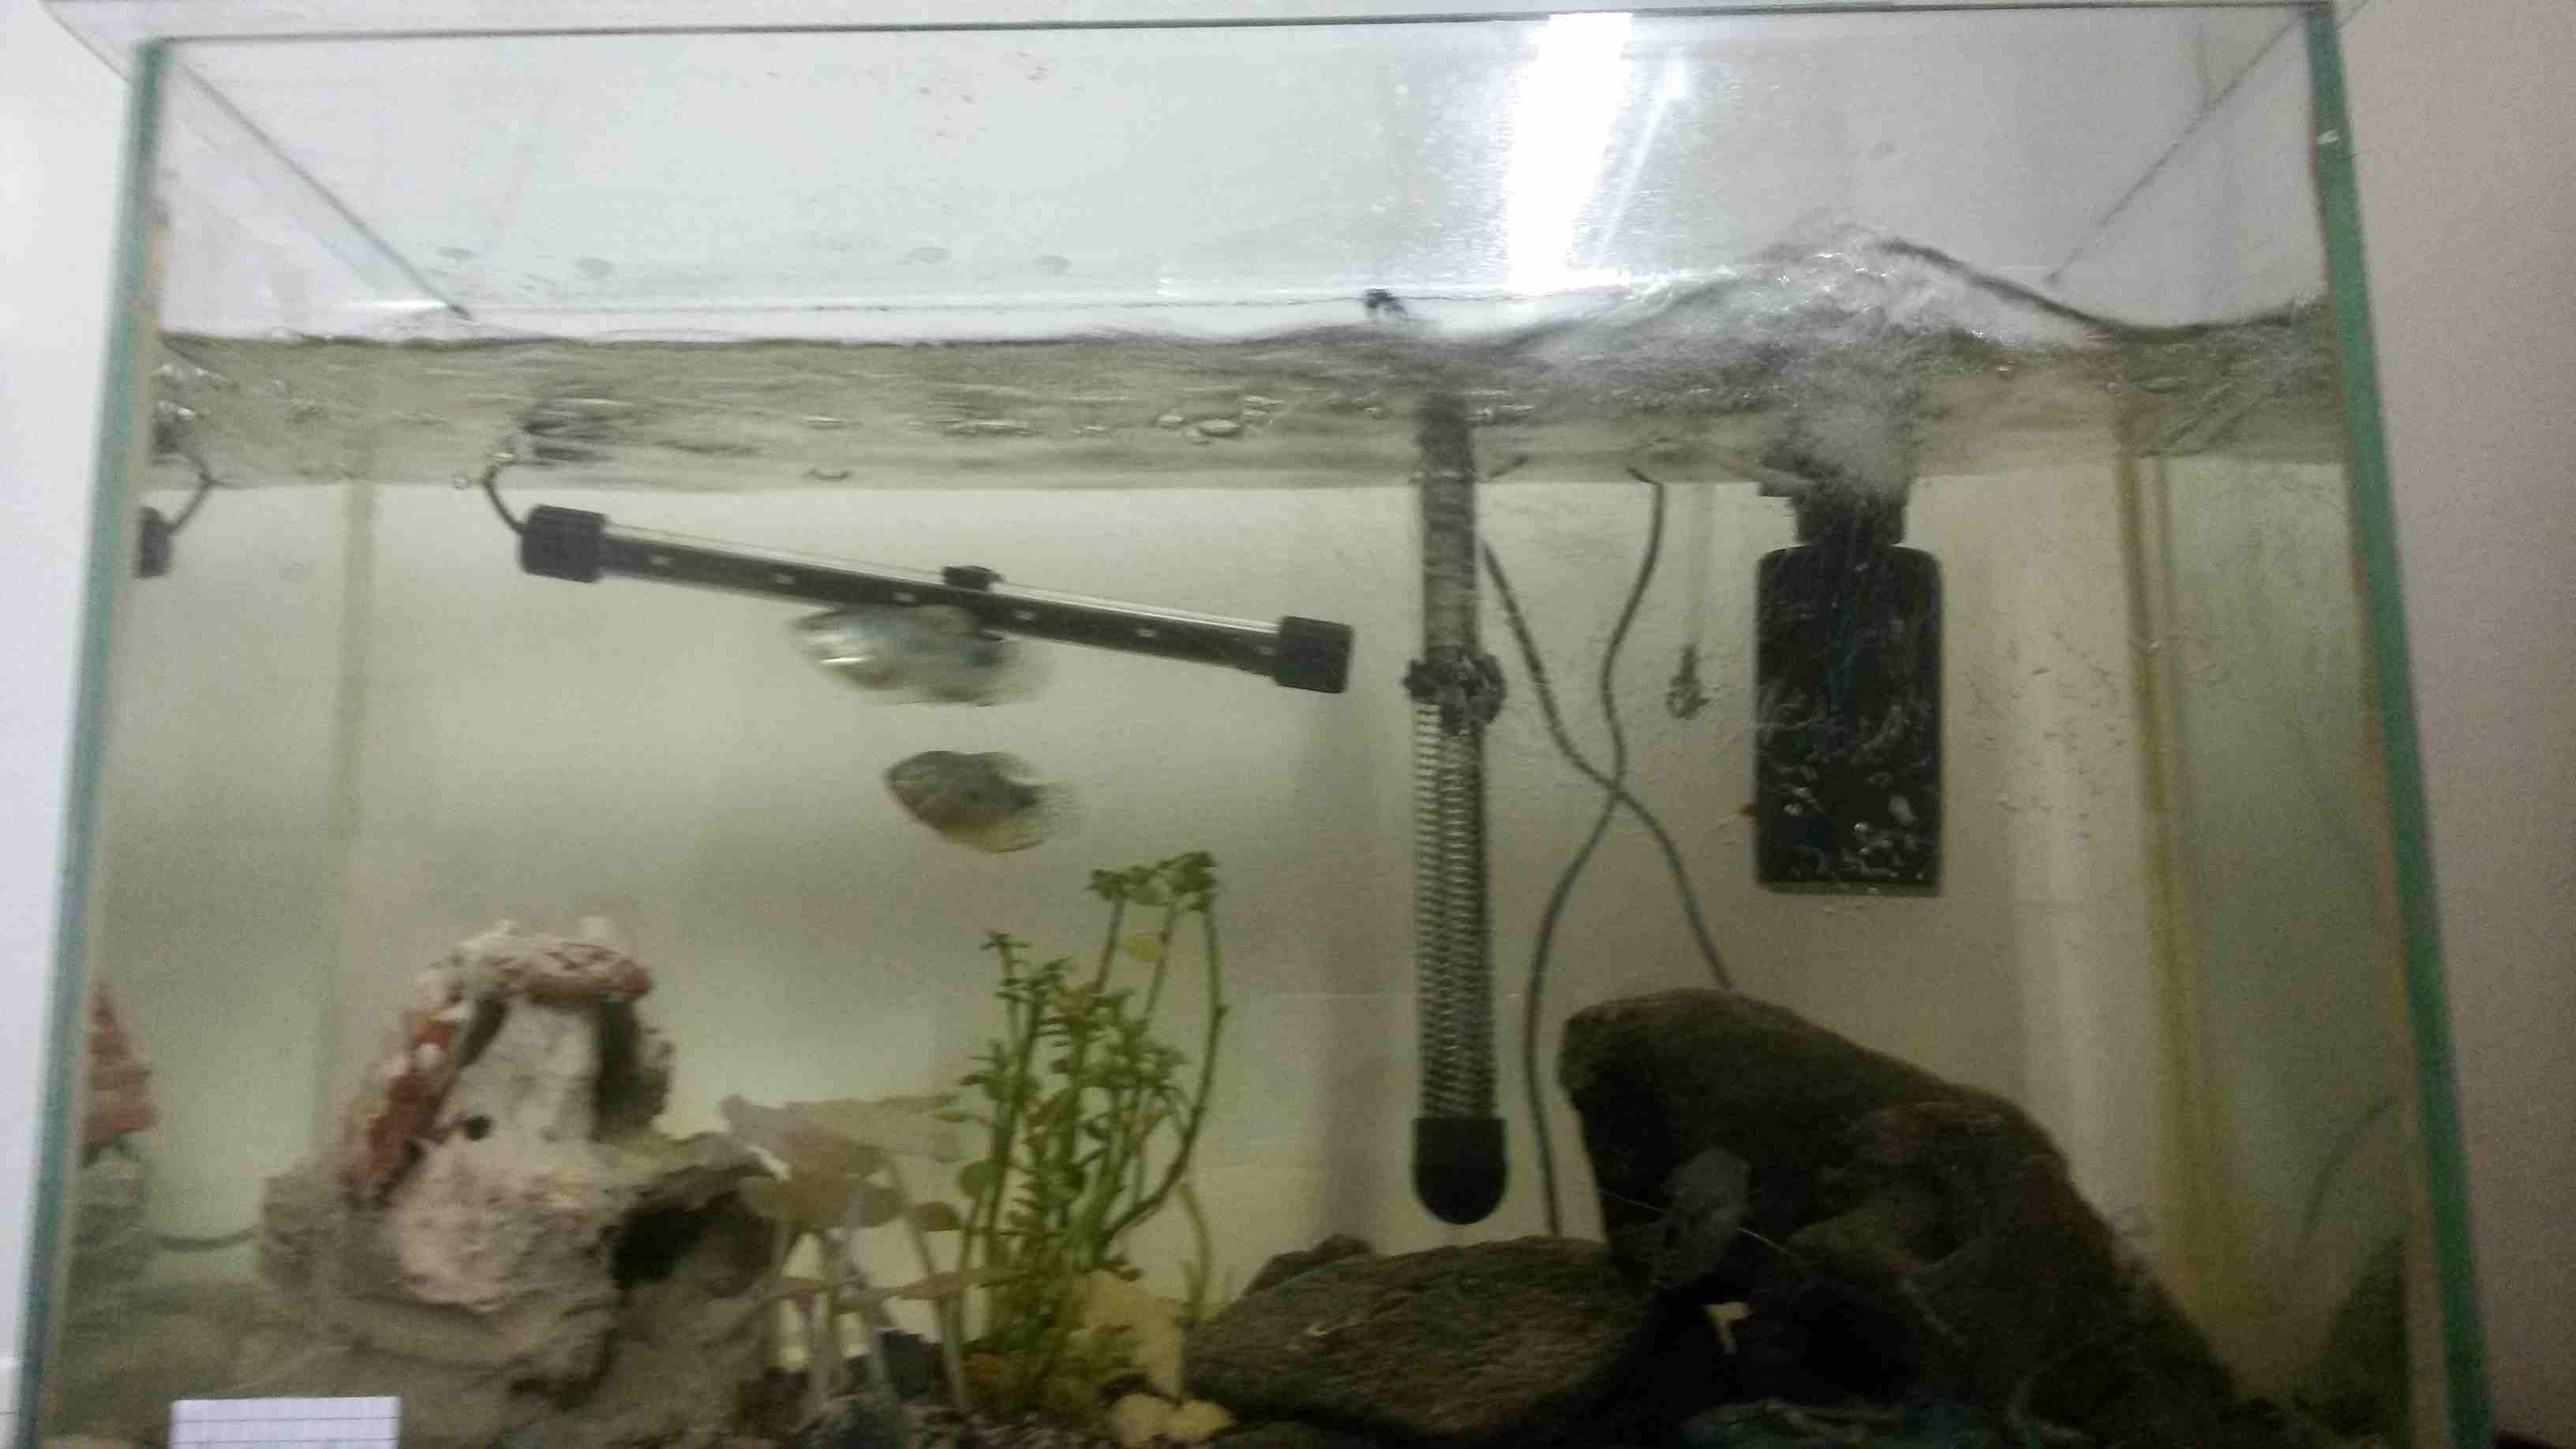 حوض سمك مع السمك...